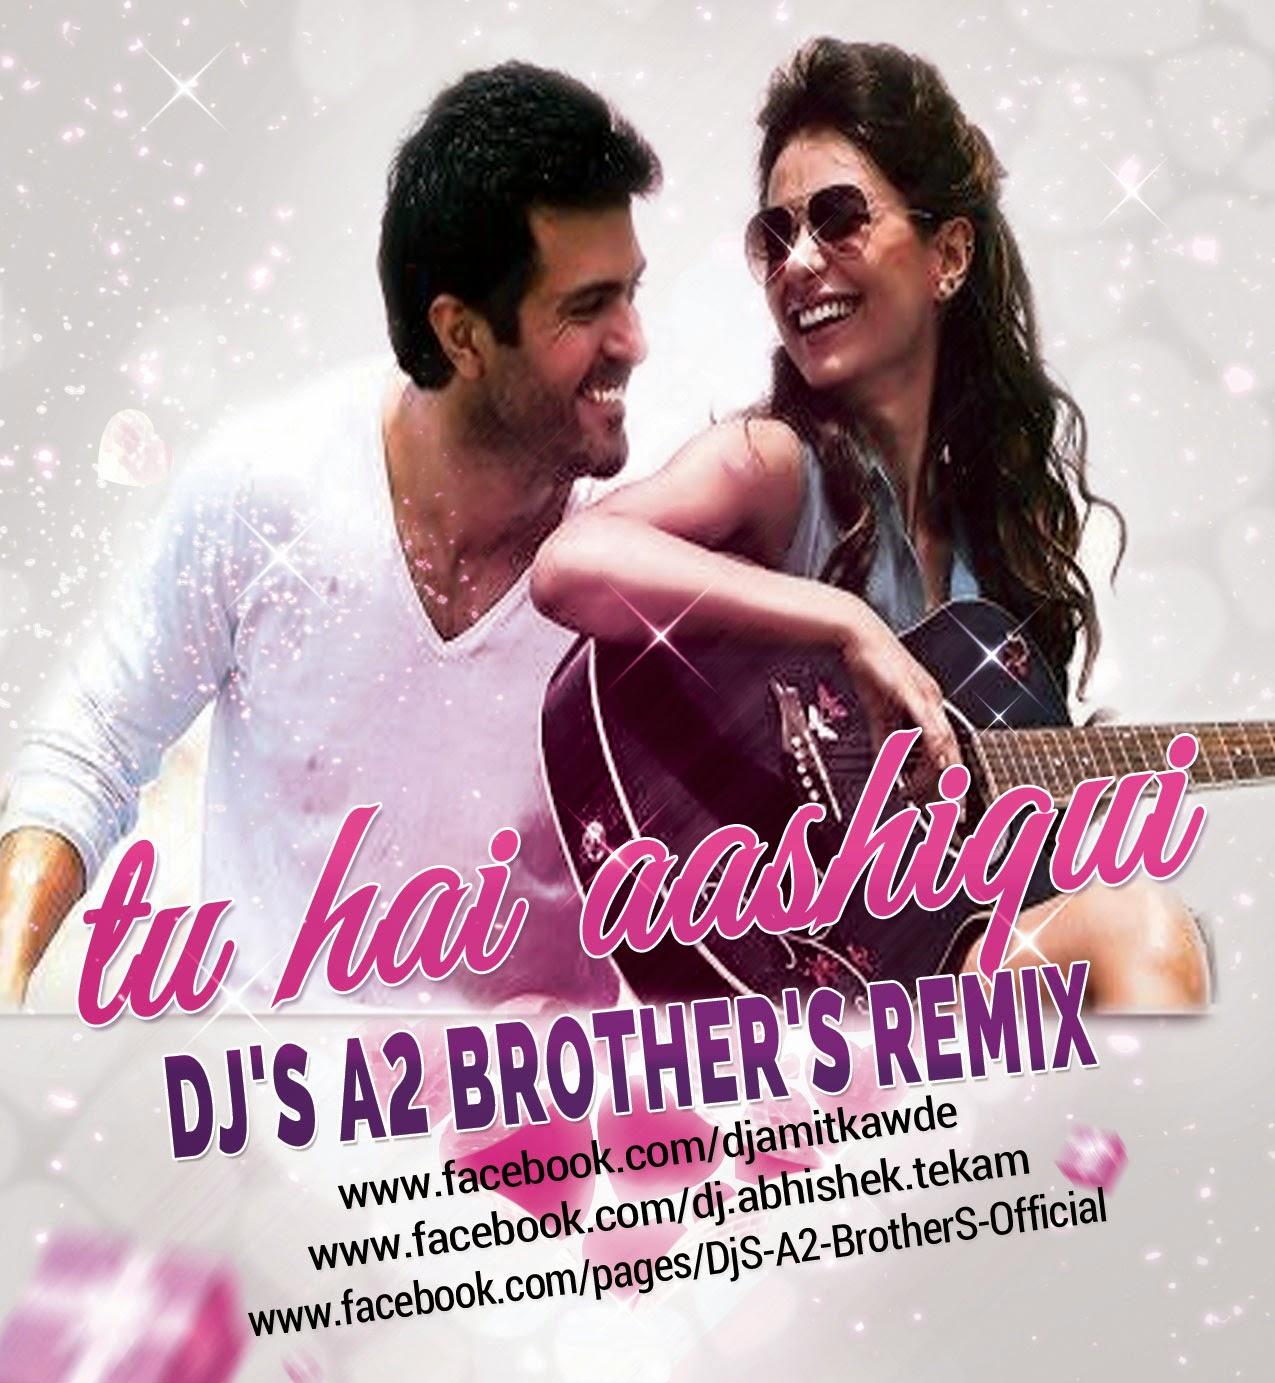 Chhattisgarh DJ India